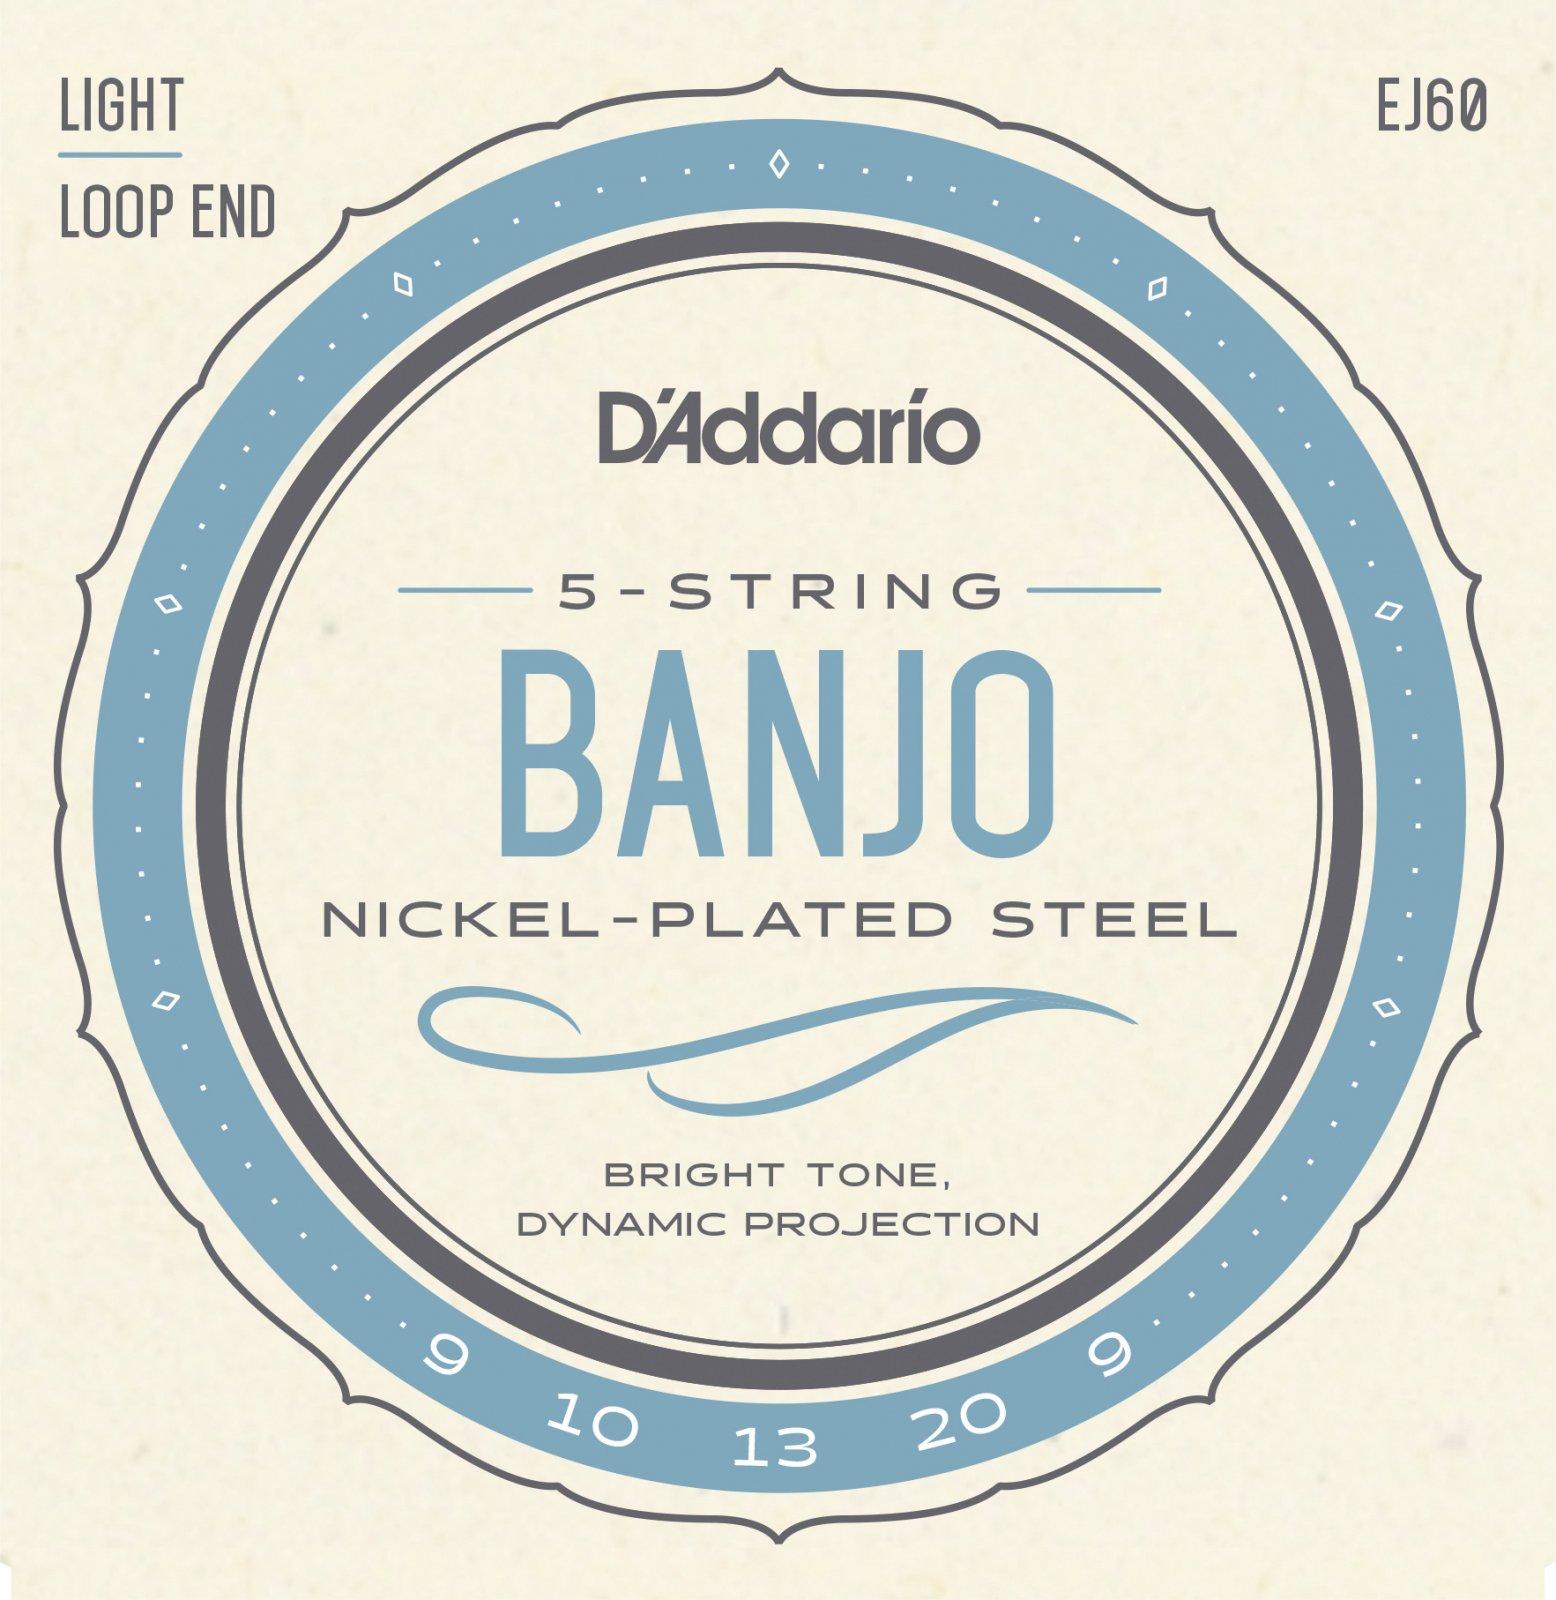 D'Addario EJ60 Nickel 5-String Banjo Strings Light 9-20